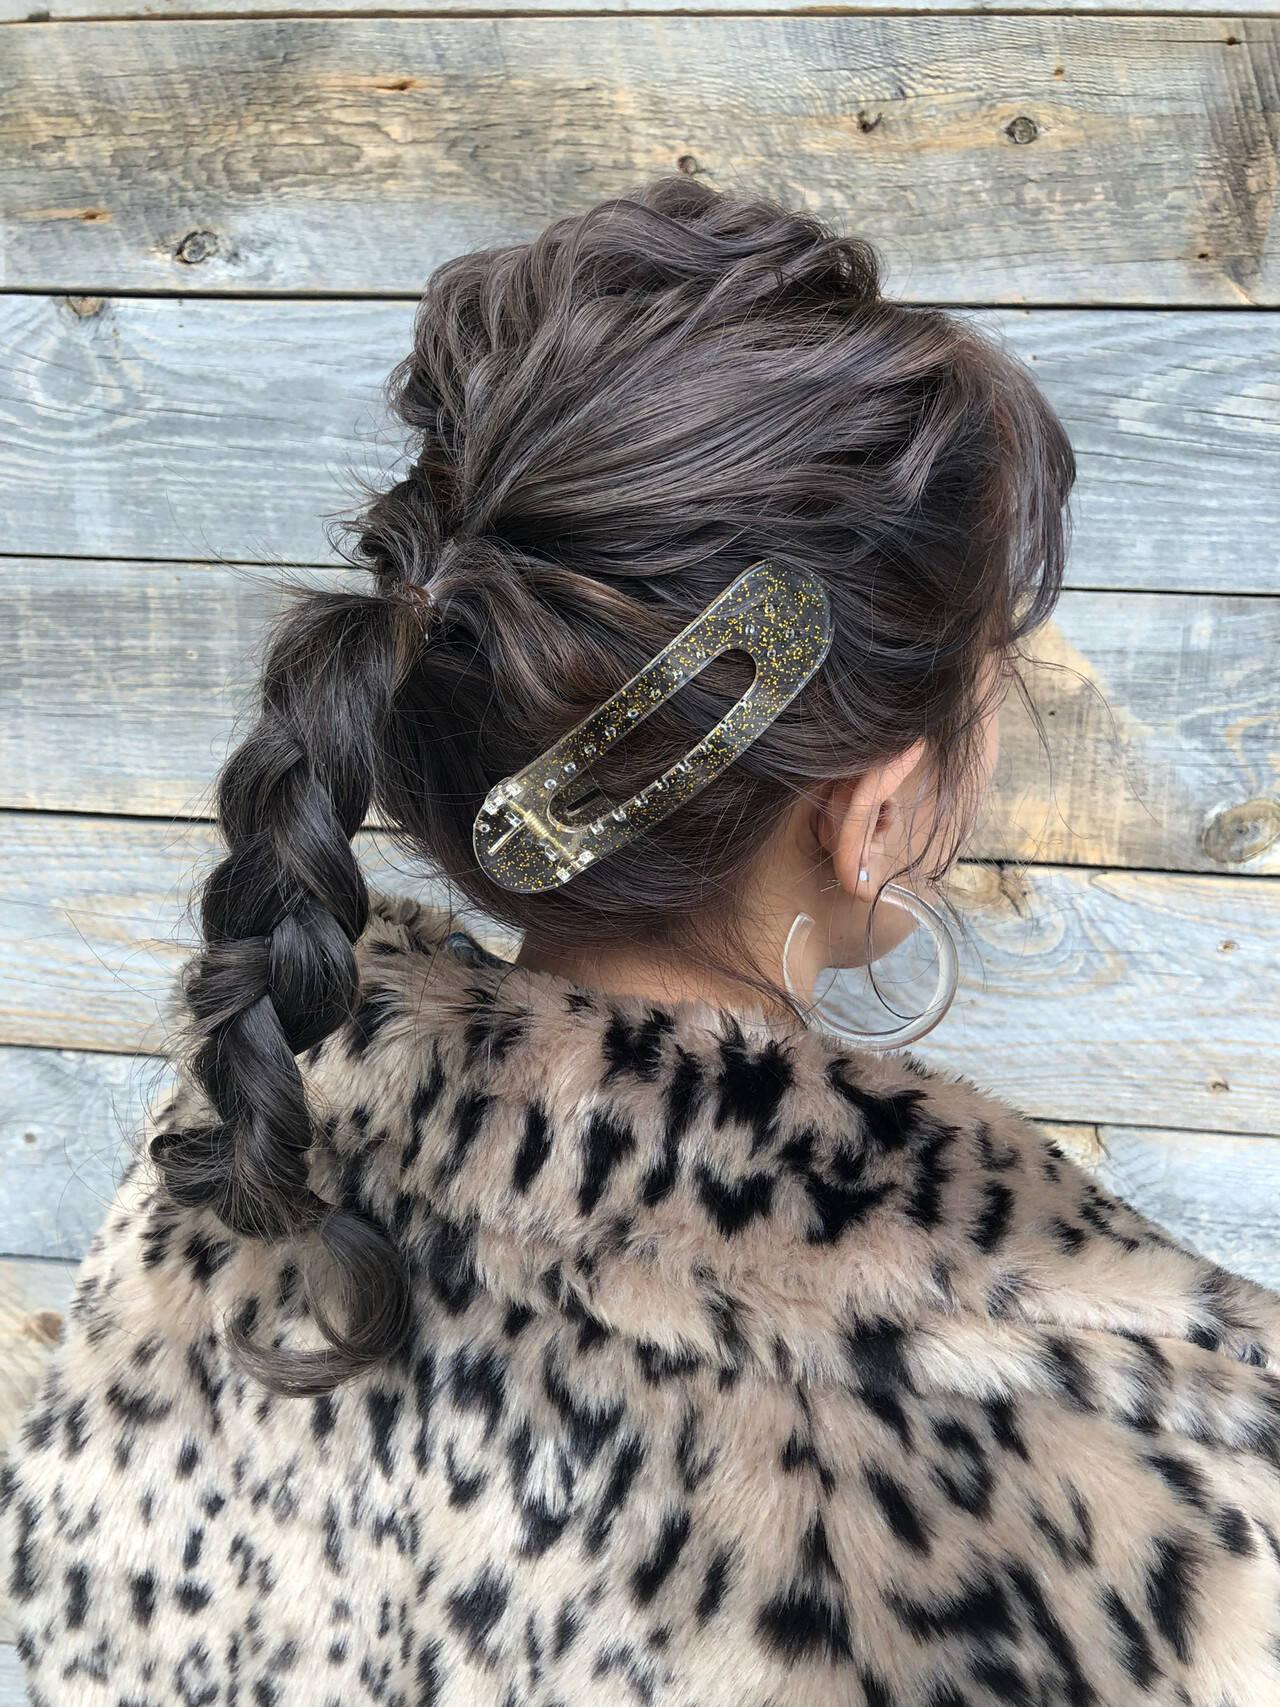 セミロング ナチュラル 簡単ヘアアレンジ パーマヘアスタイルや髪型の写真・画像